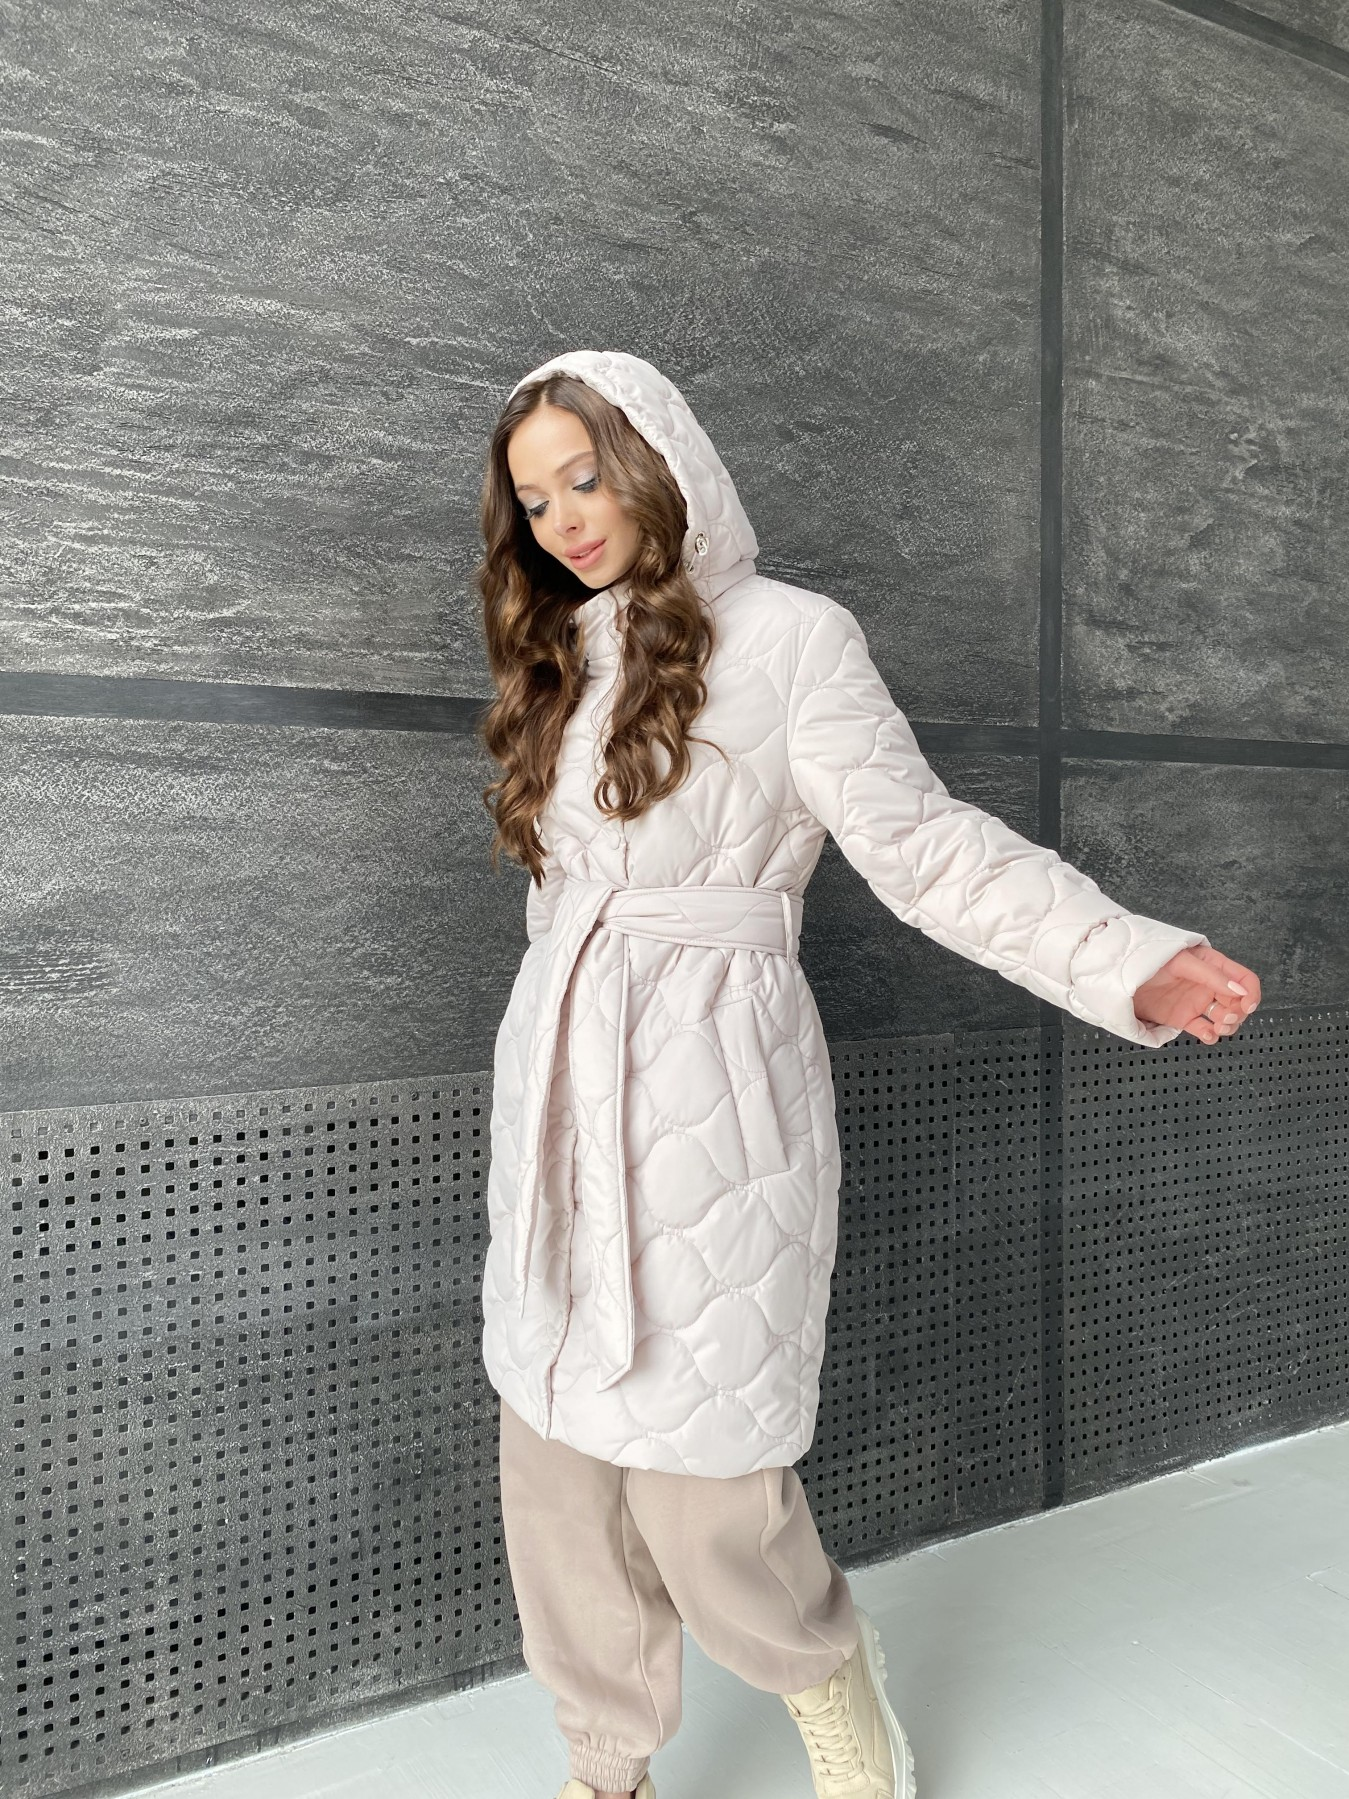 Виза ЗИГЗАГ стеганая куртка из плащевой ткани 11016 АРТ. 47517 Цвет: Бежевый 970 - фото 7, интернет магазин tm-modus.ru